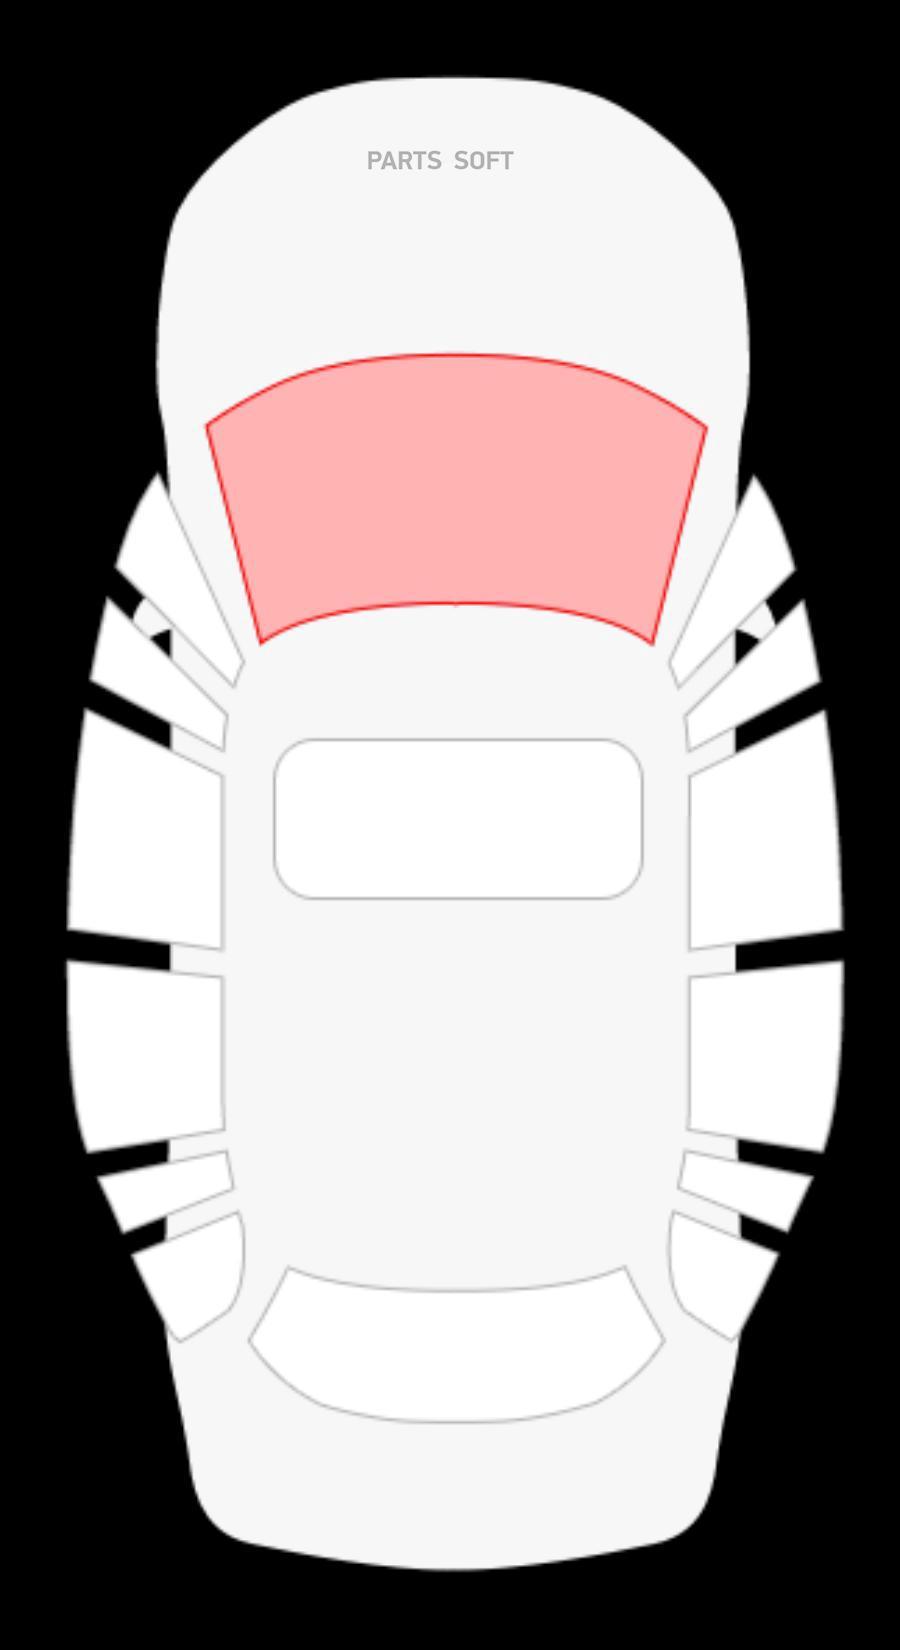 VW Golf II 3/5D Hbk (83-91) / Jetta II 2/4D седан (84-91) (без полосы)